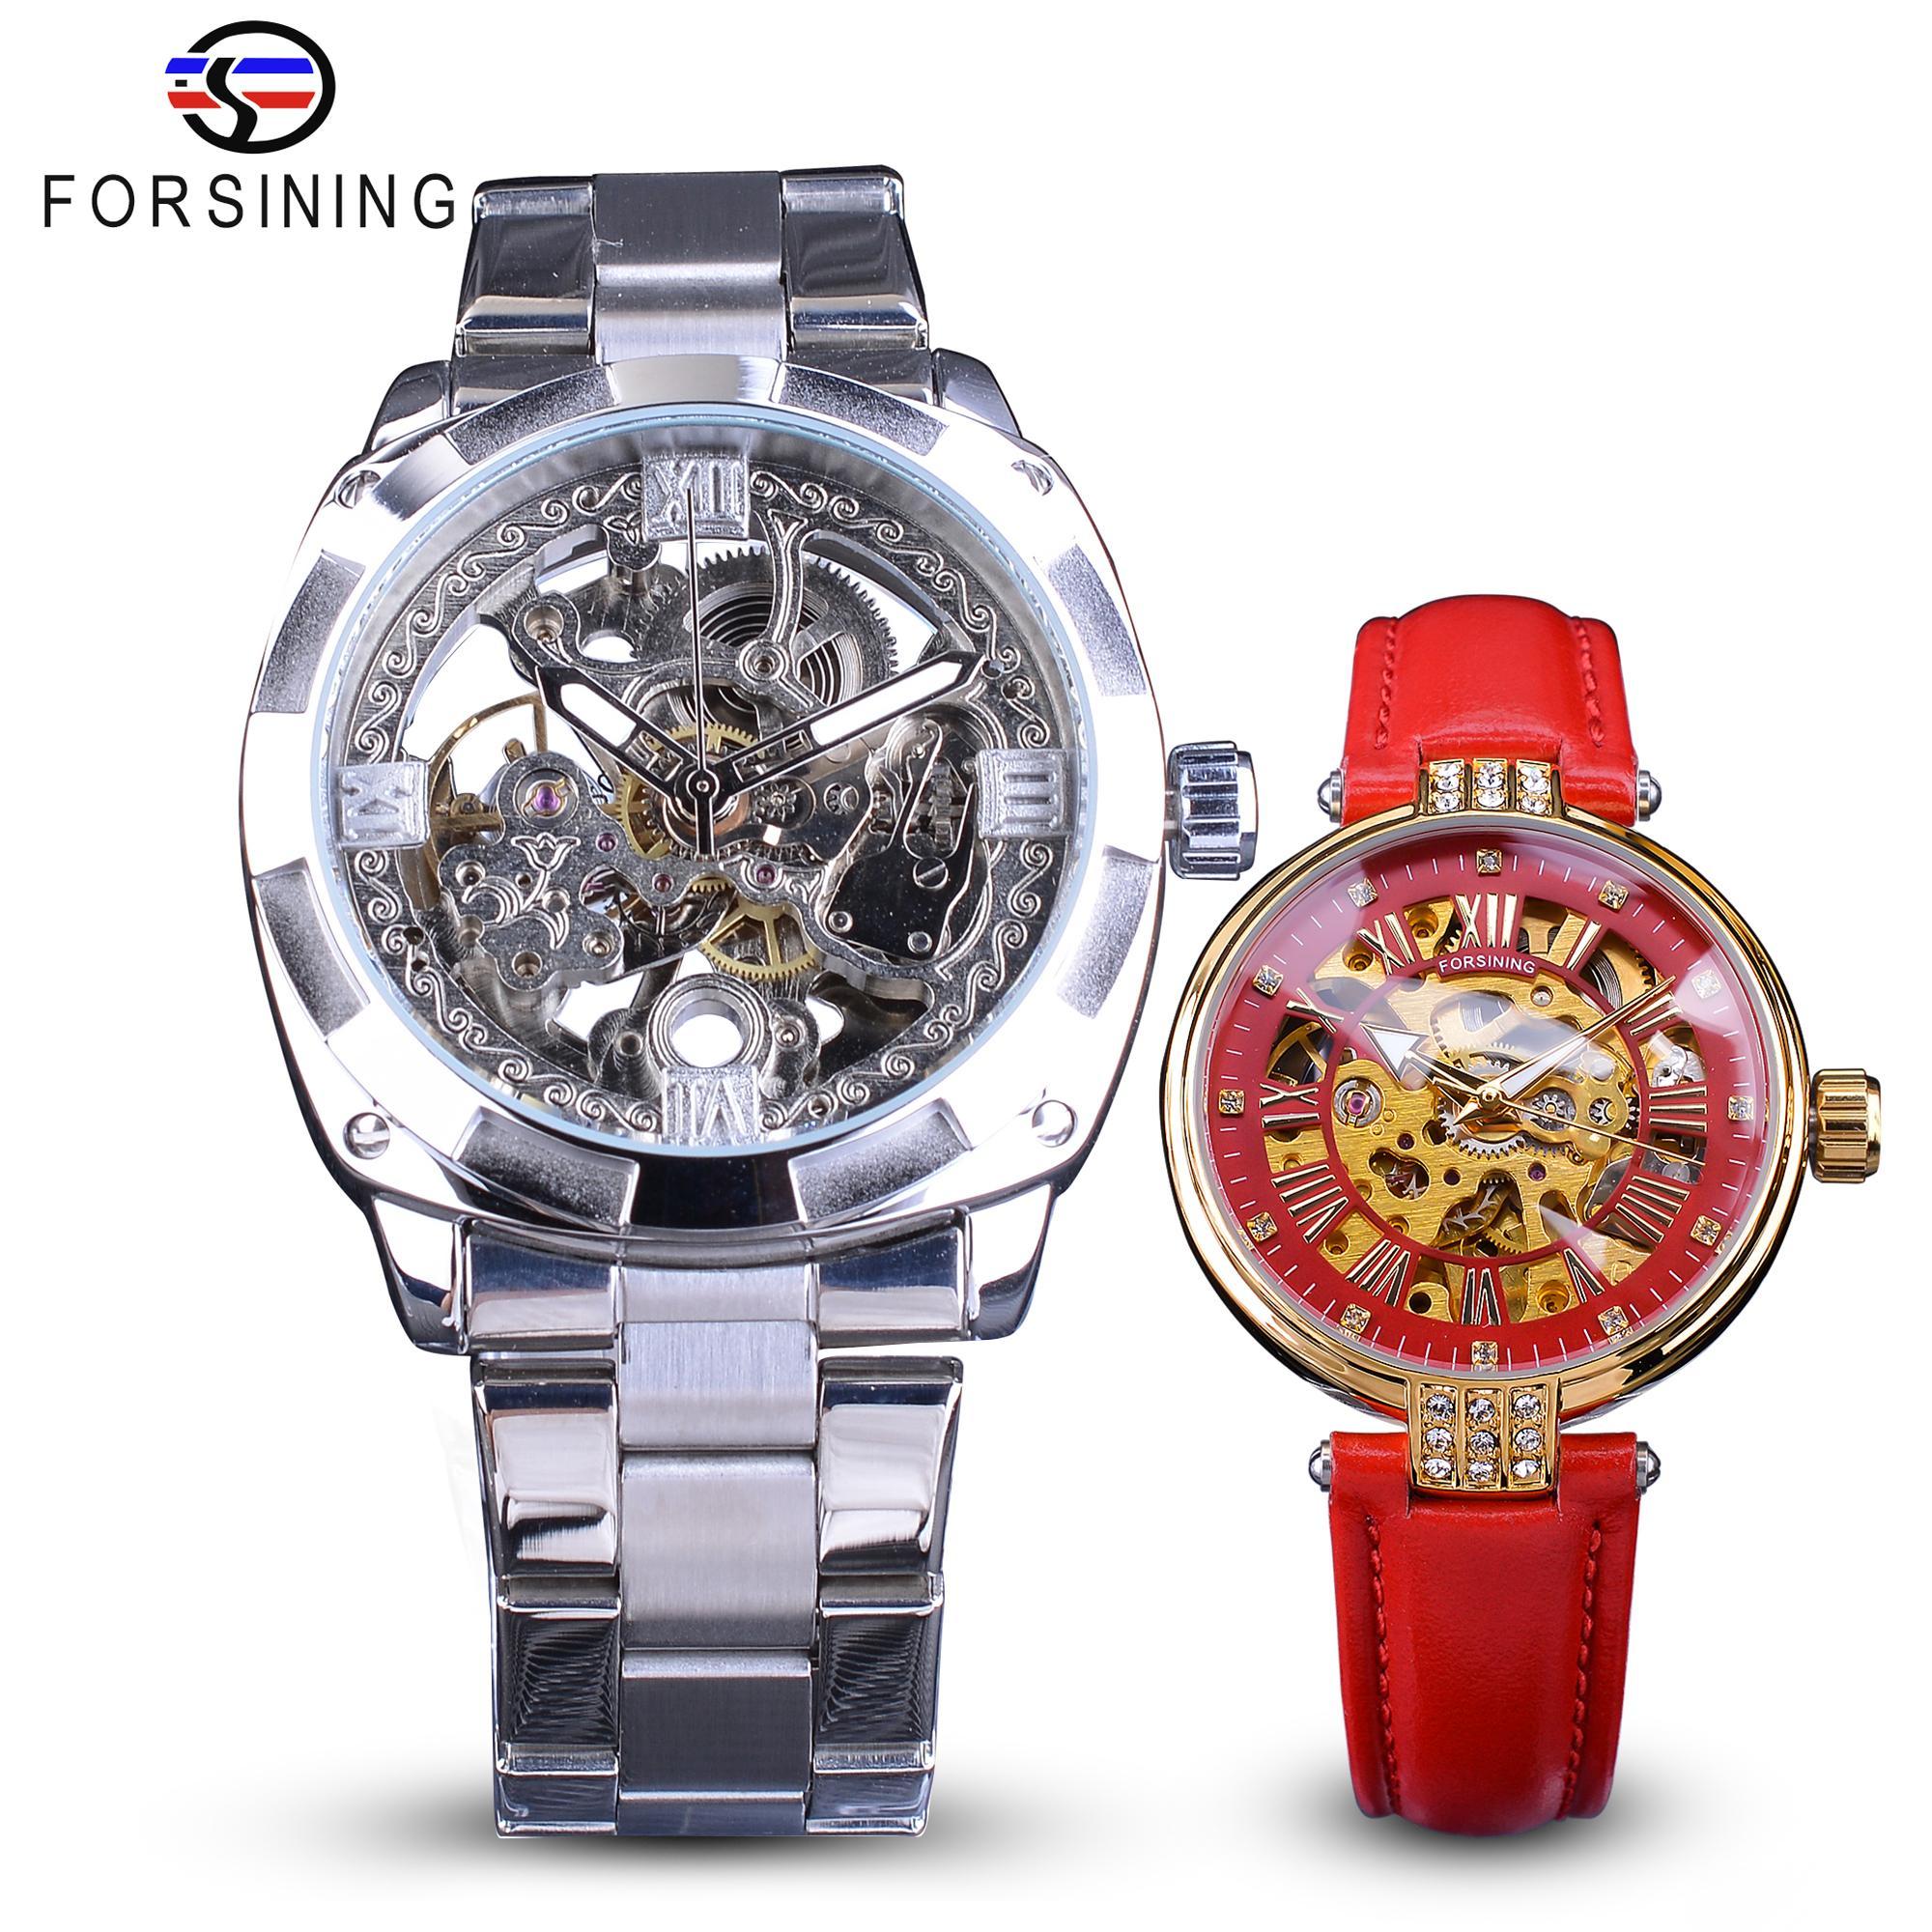 Forsining Çift İzle Seti Kombinasyon Erkekler Gümüş Otomatik Saatler Çelik / Lady in Red İskelet Deri Mekanik Kol Hediyelik